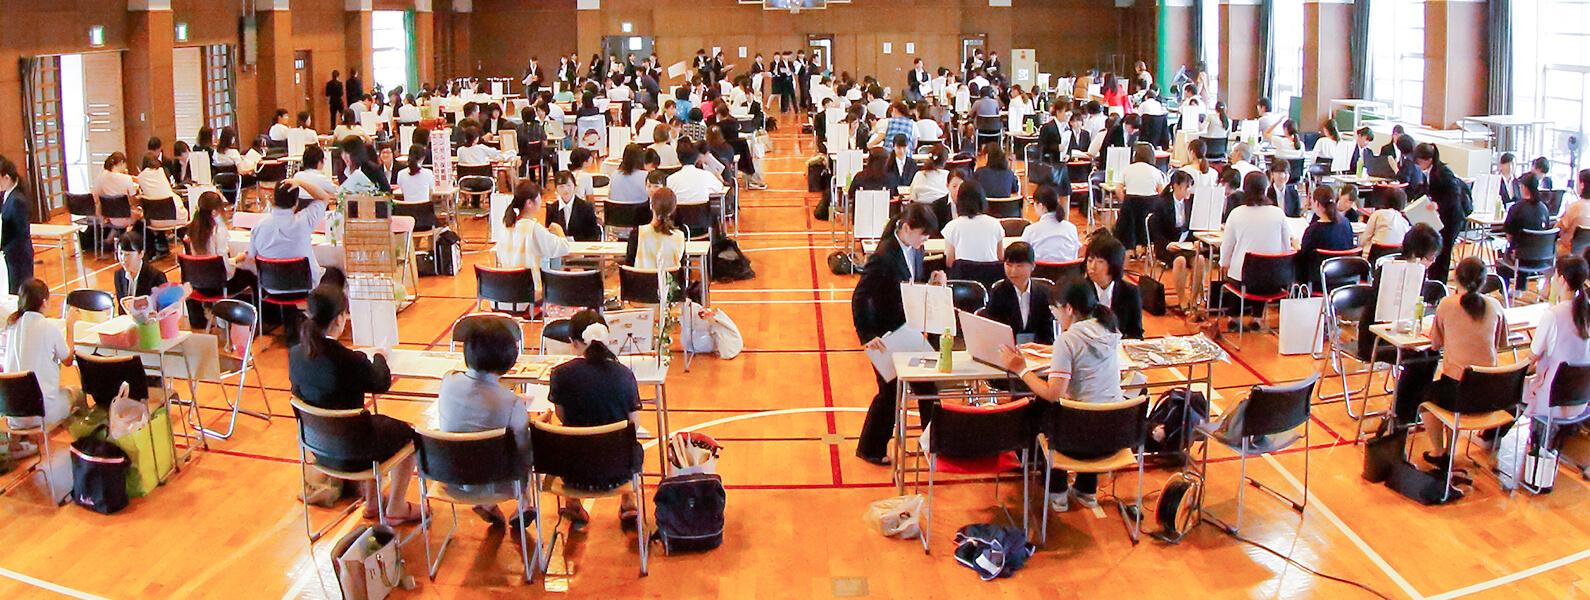 埼玉純真短期大学の就職支援